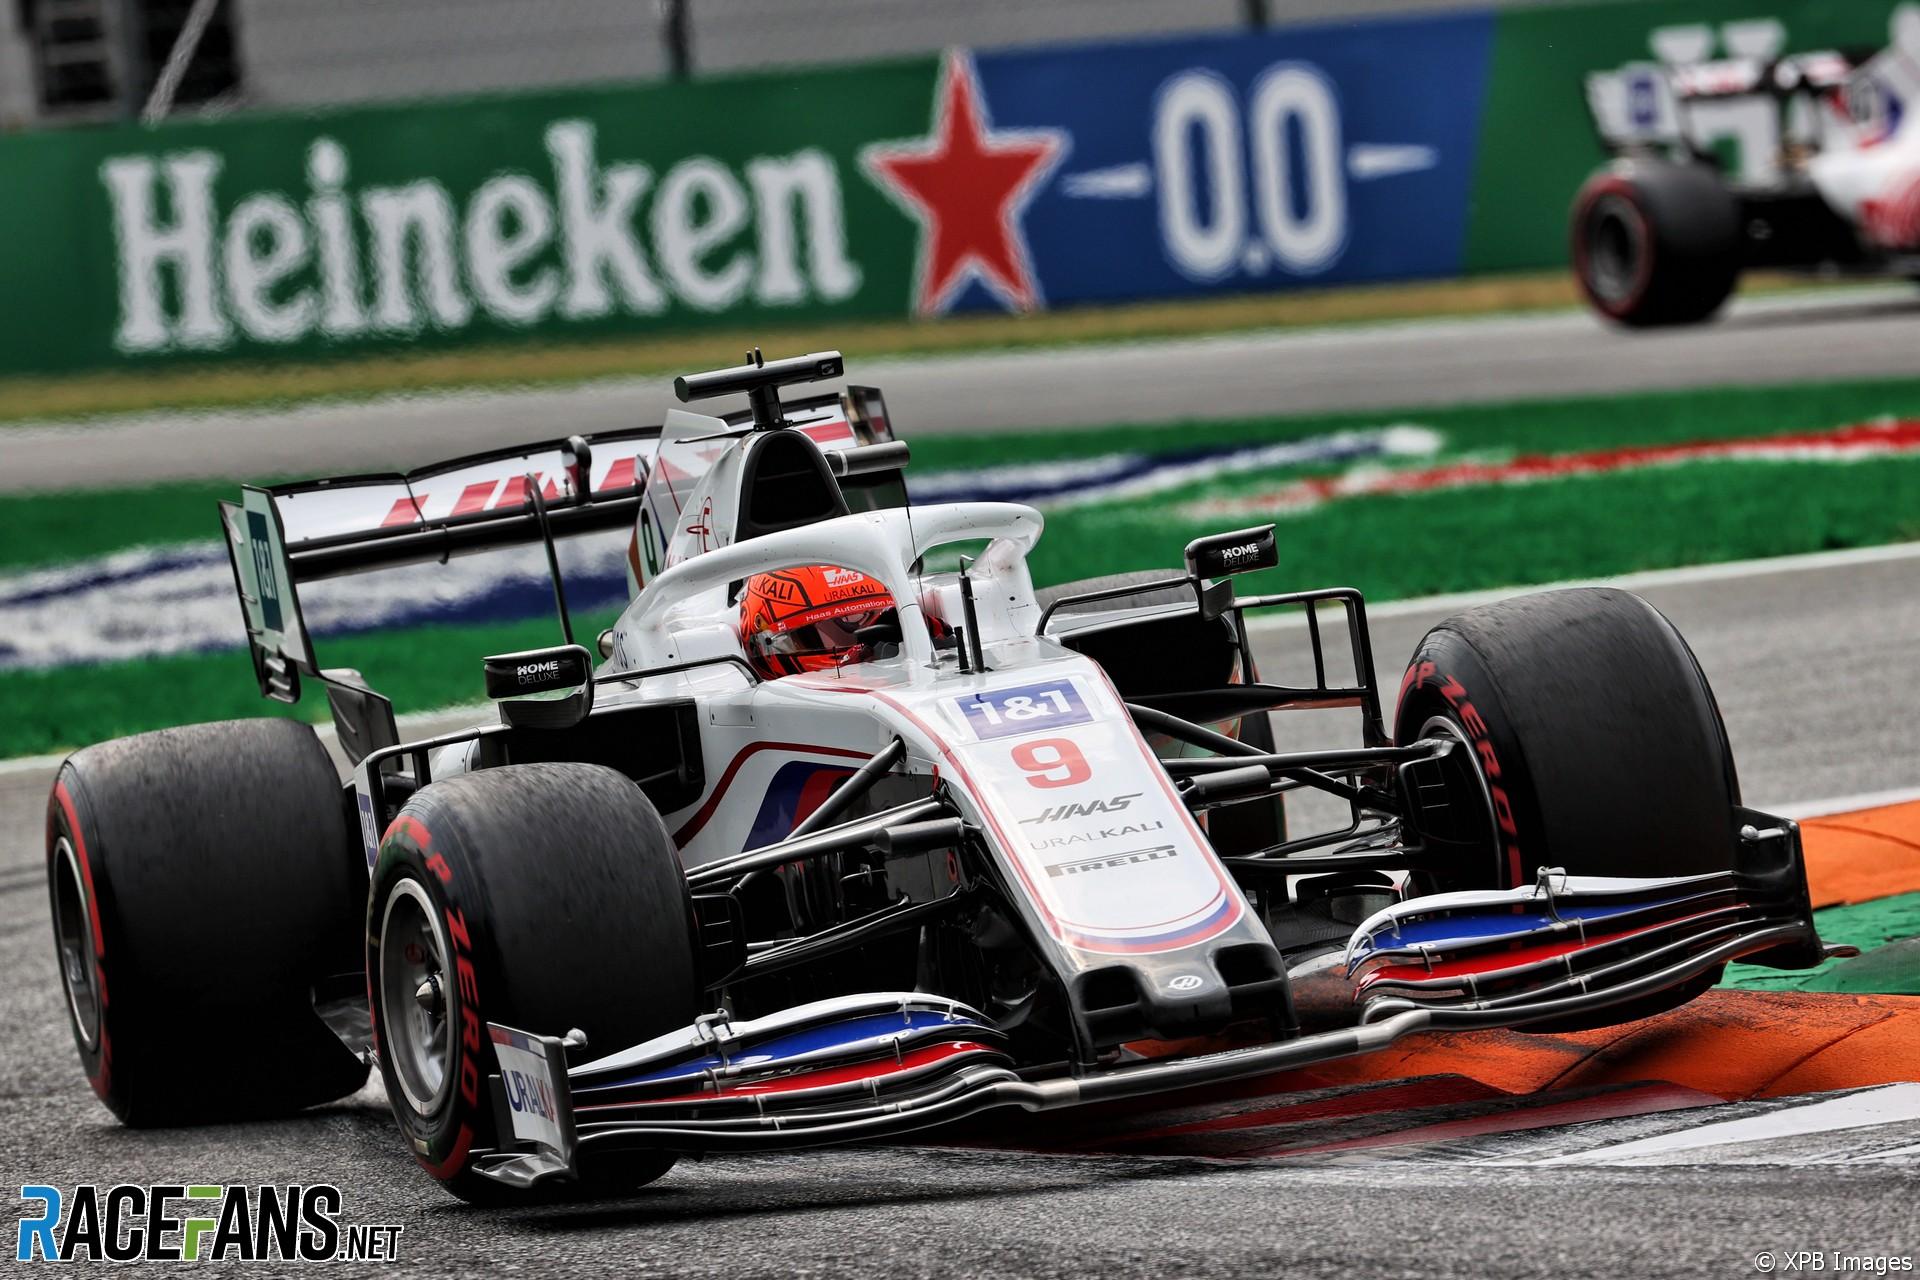 Nikita Mazepin, Haas, Monza, 2021